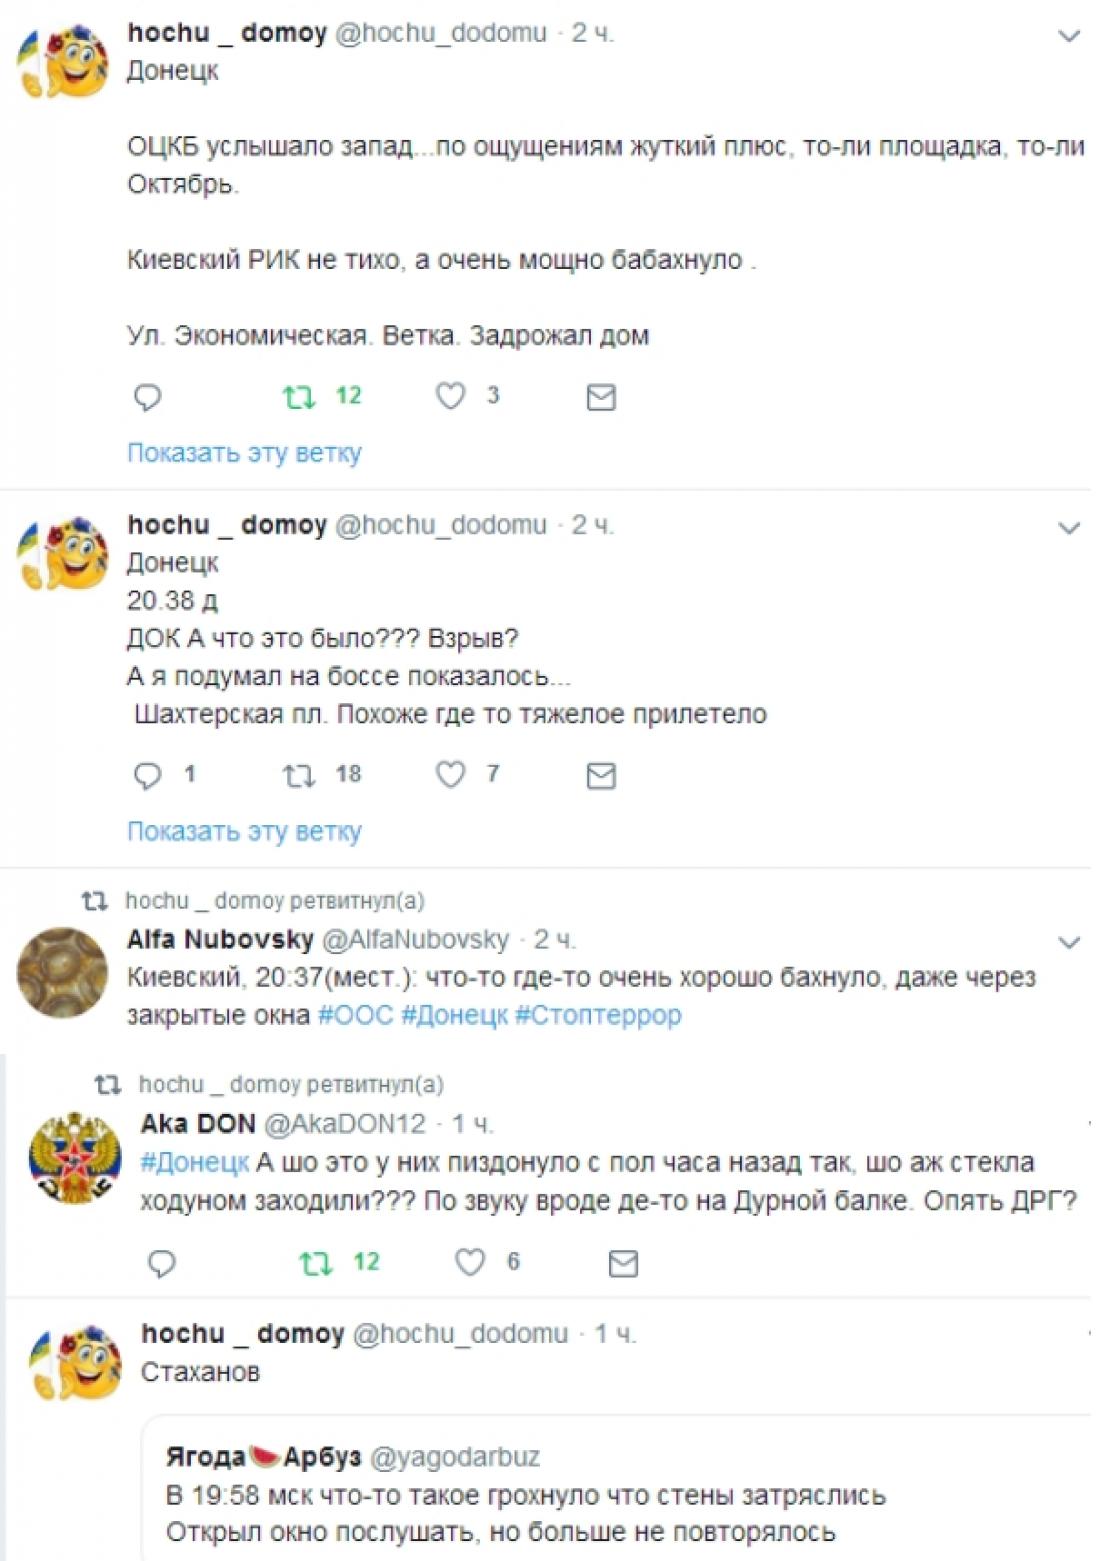 Жители обсуждают событие в соцсетях